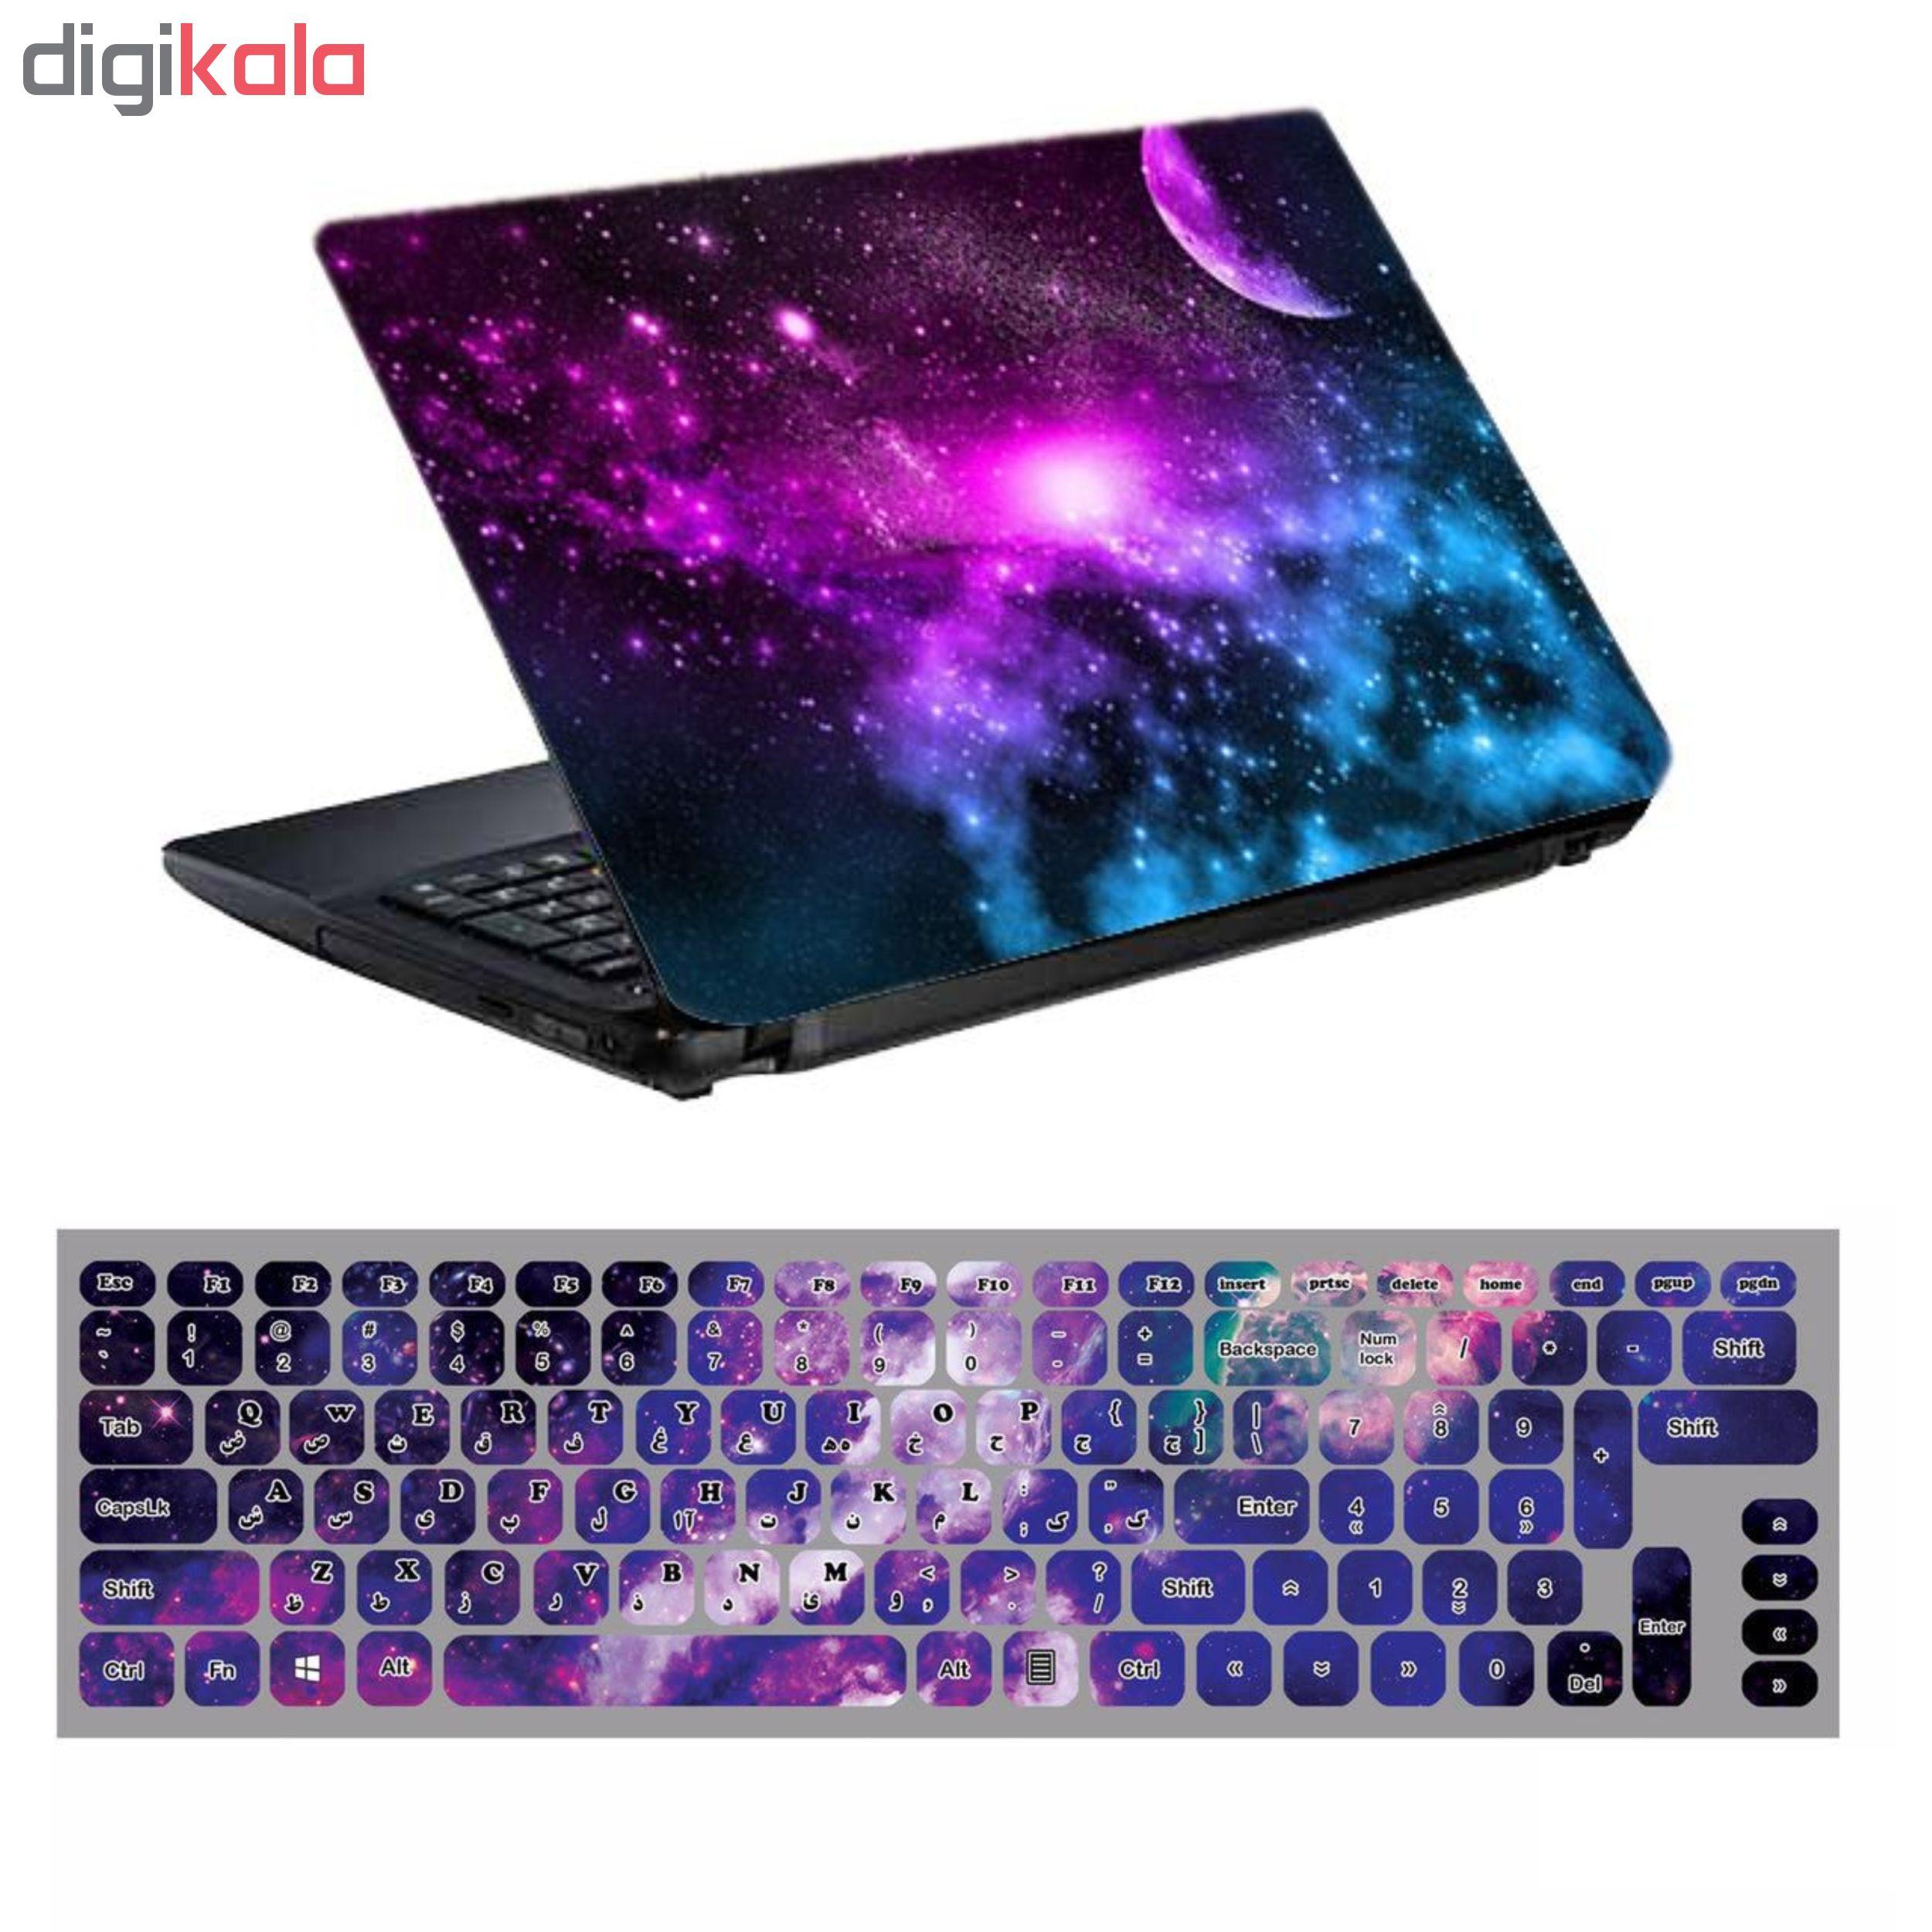 استیکر لپ تاپ طرح کهکشانی کد 0909-98 مناسب برای لپ تاپ 15.6 اینچ به همراه برچسب حروف فارسی کیبورد